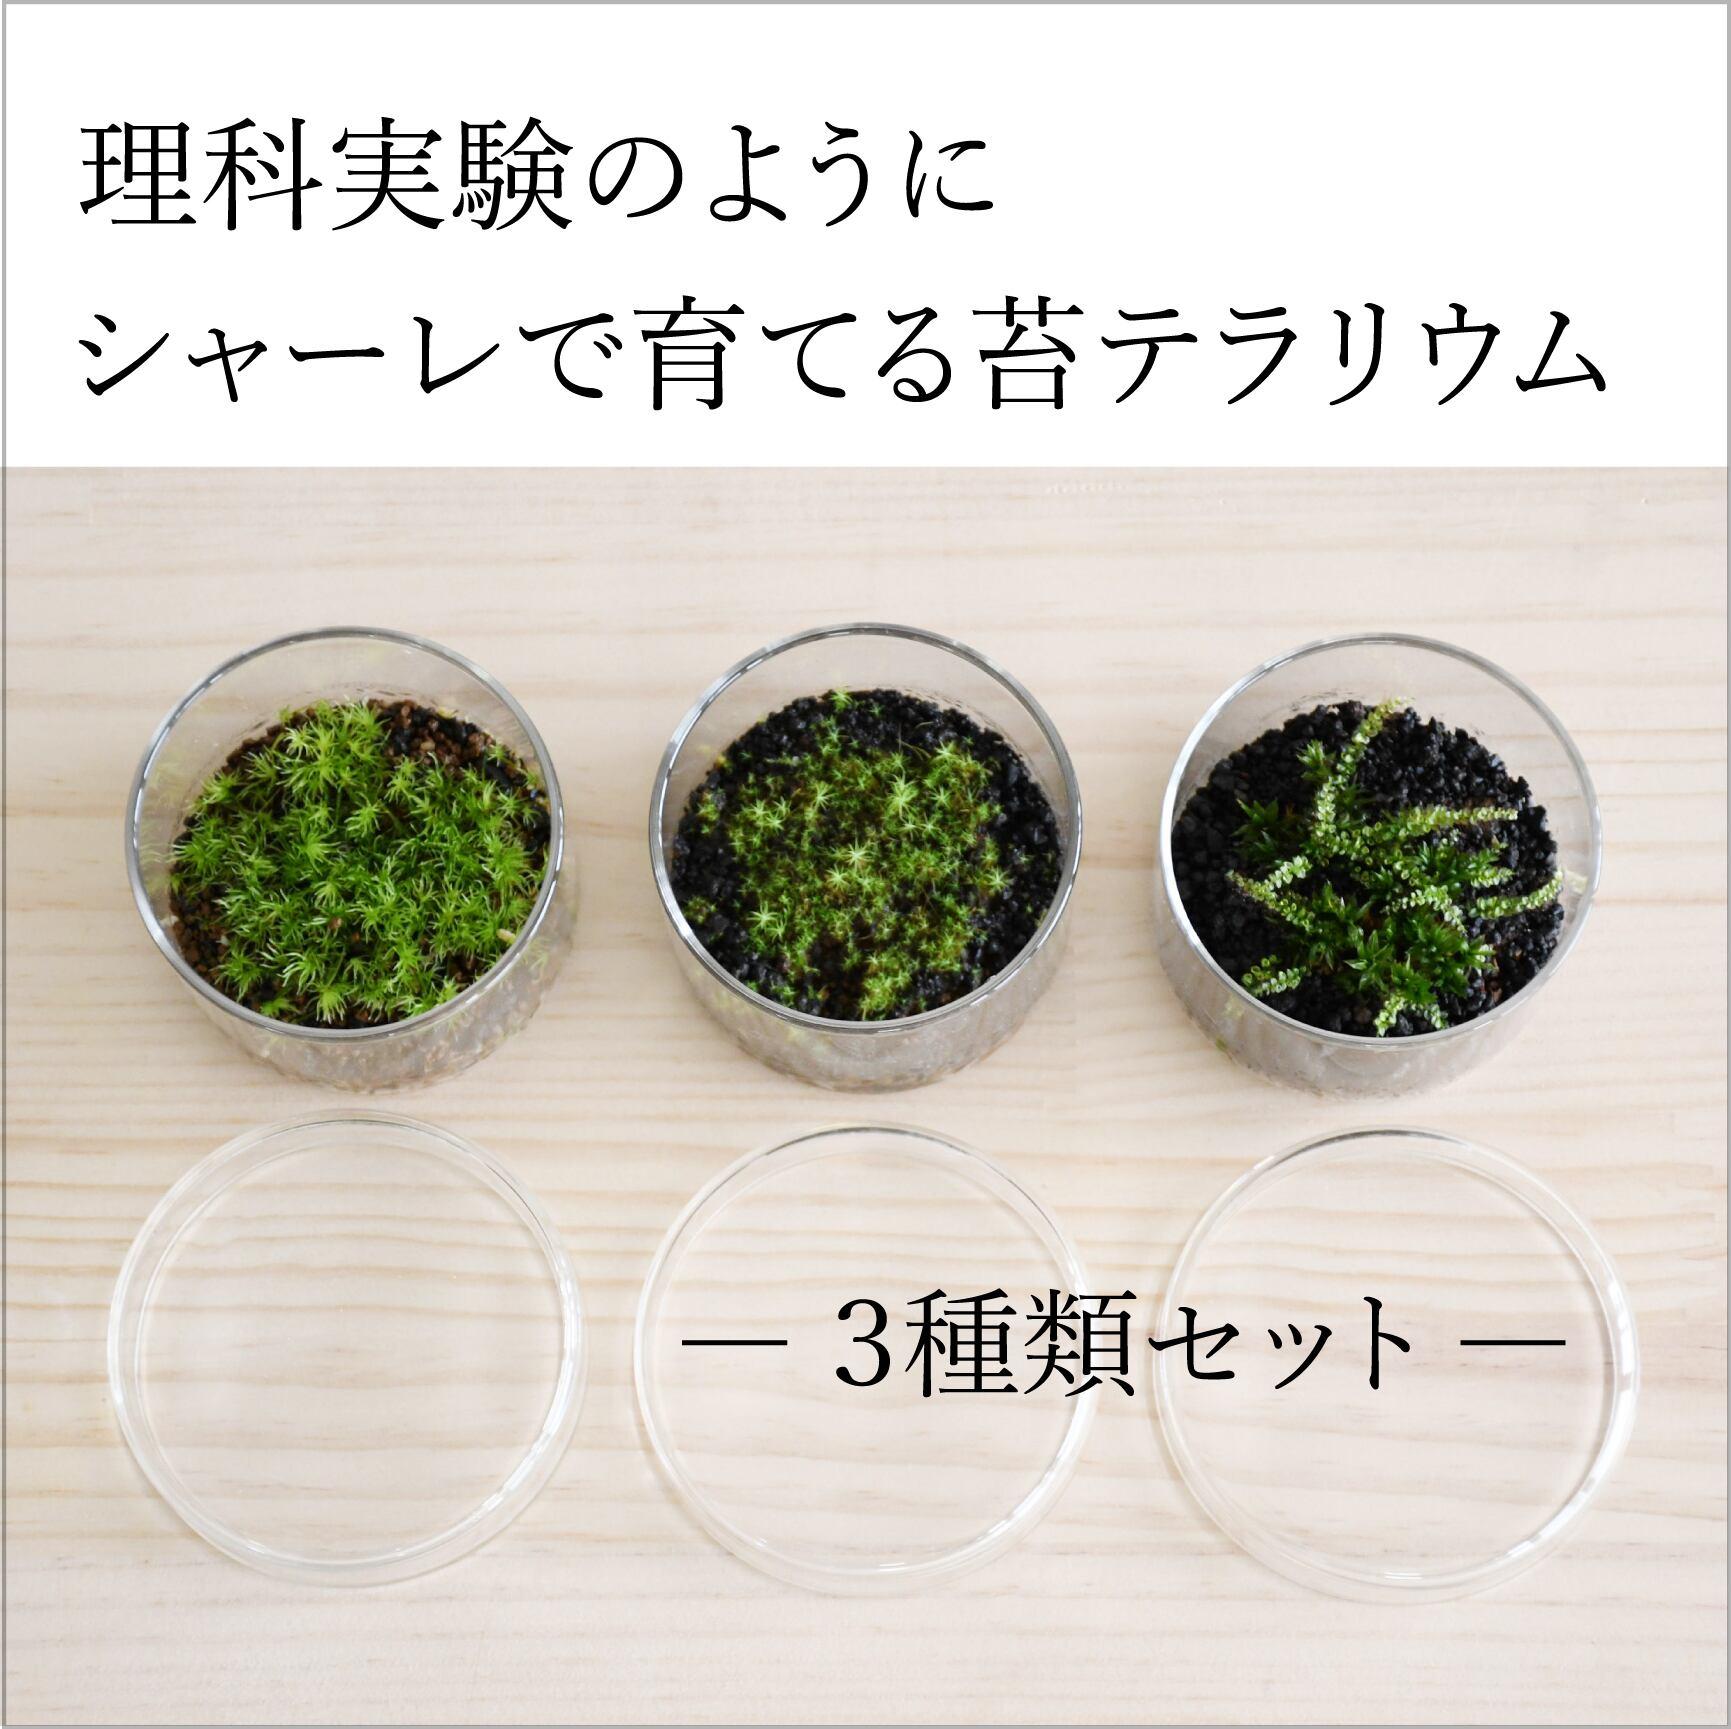 【実験のように楽しむ 苔テラリウム】 ミニシャーレ3種セット ◆コレクションする楽しみ